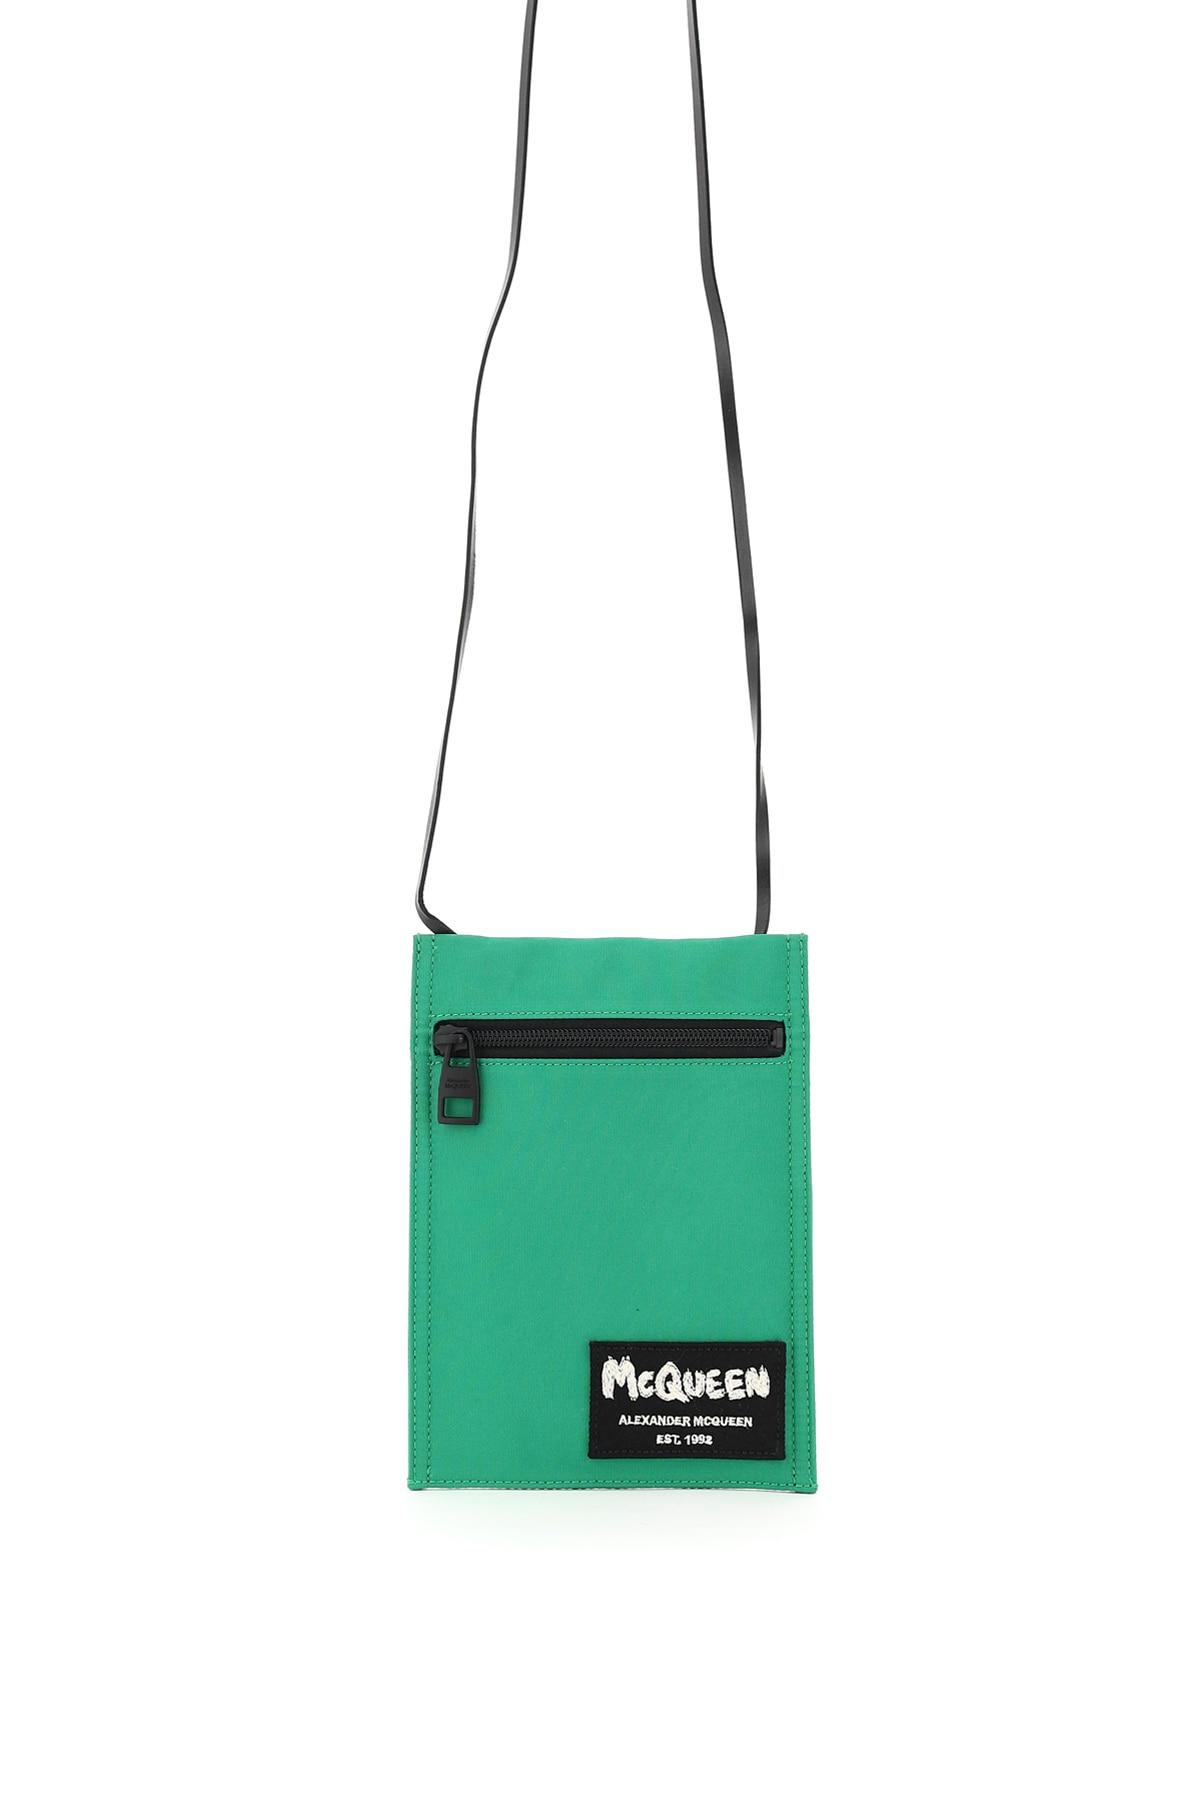 ALEXANDER MCQUEEN SHOULDER POUCH BAG OS Green Technical